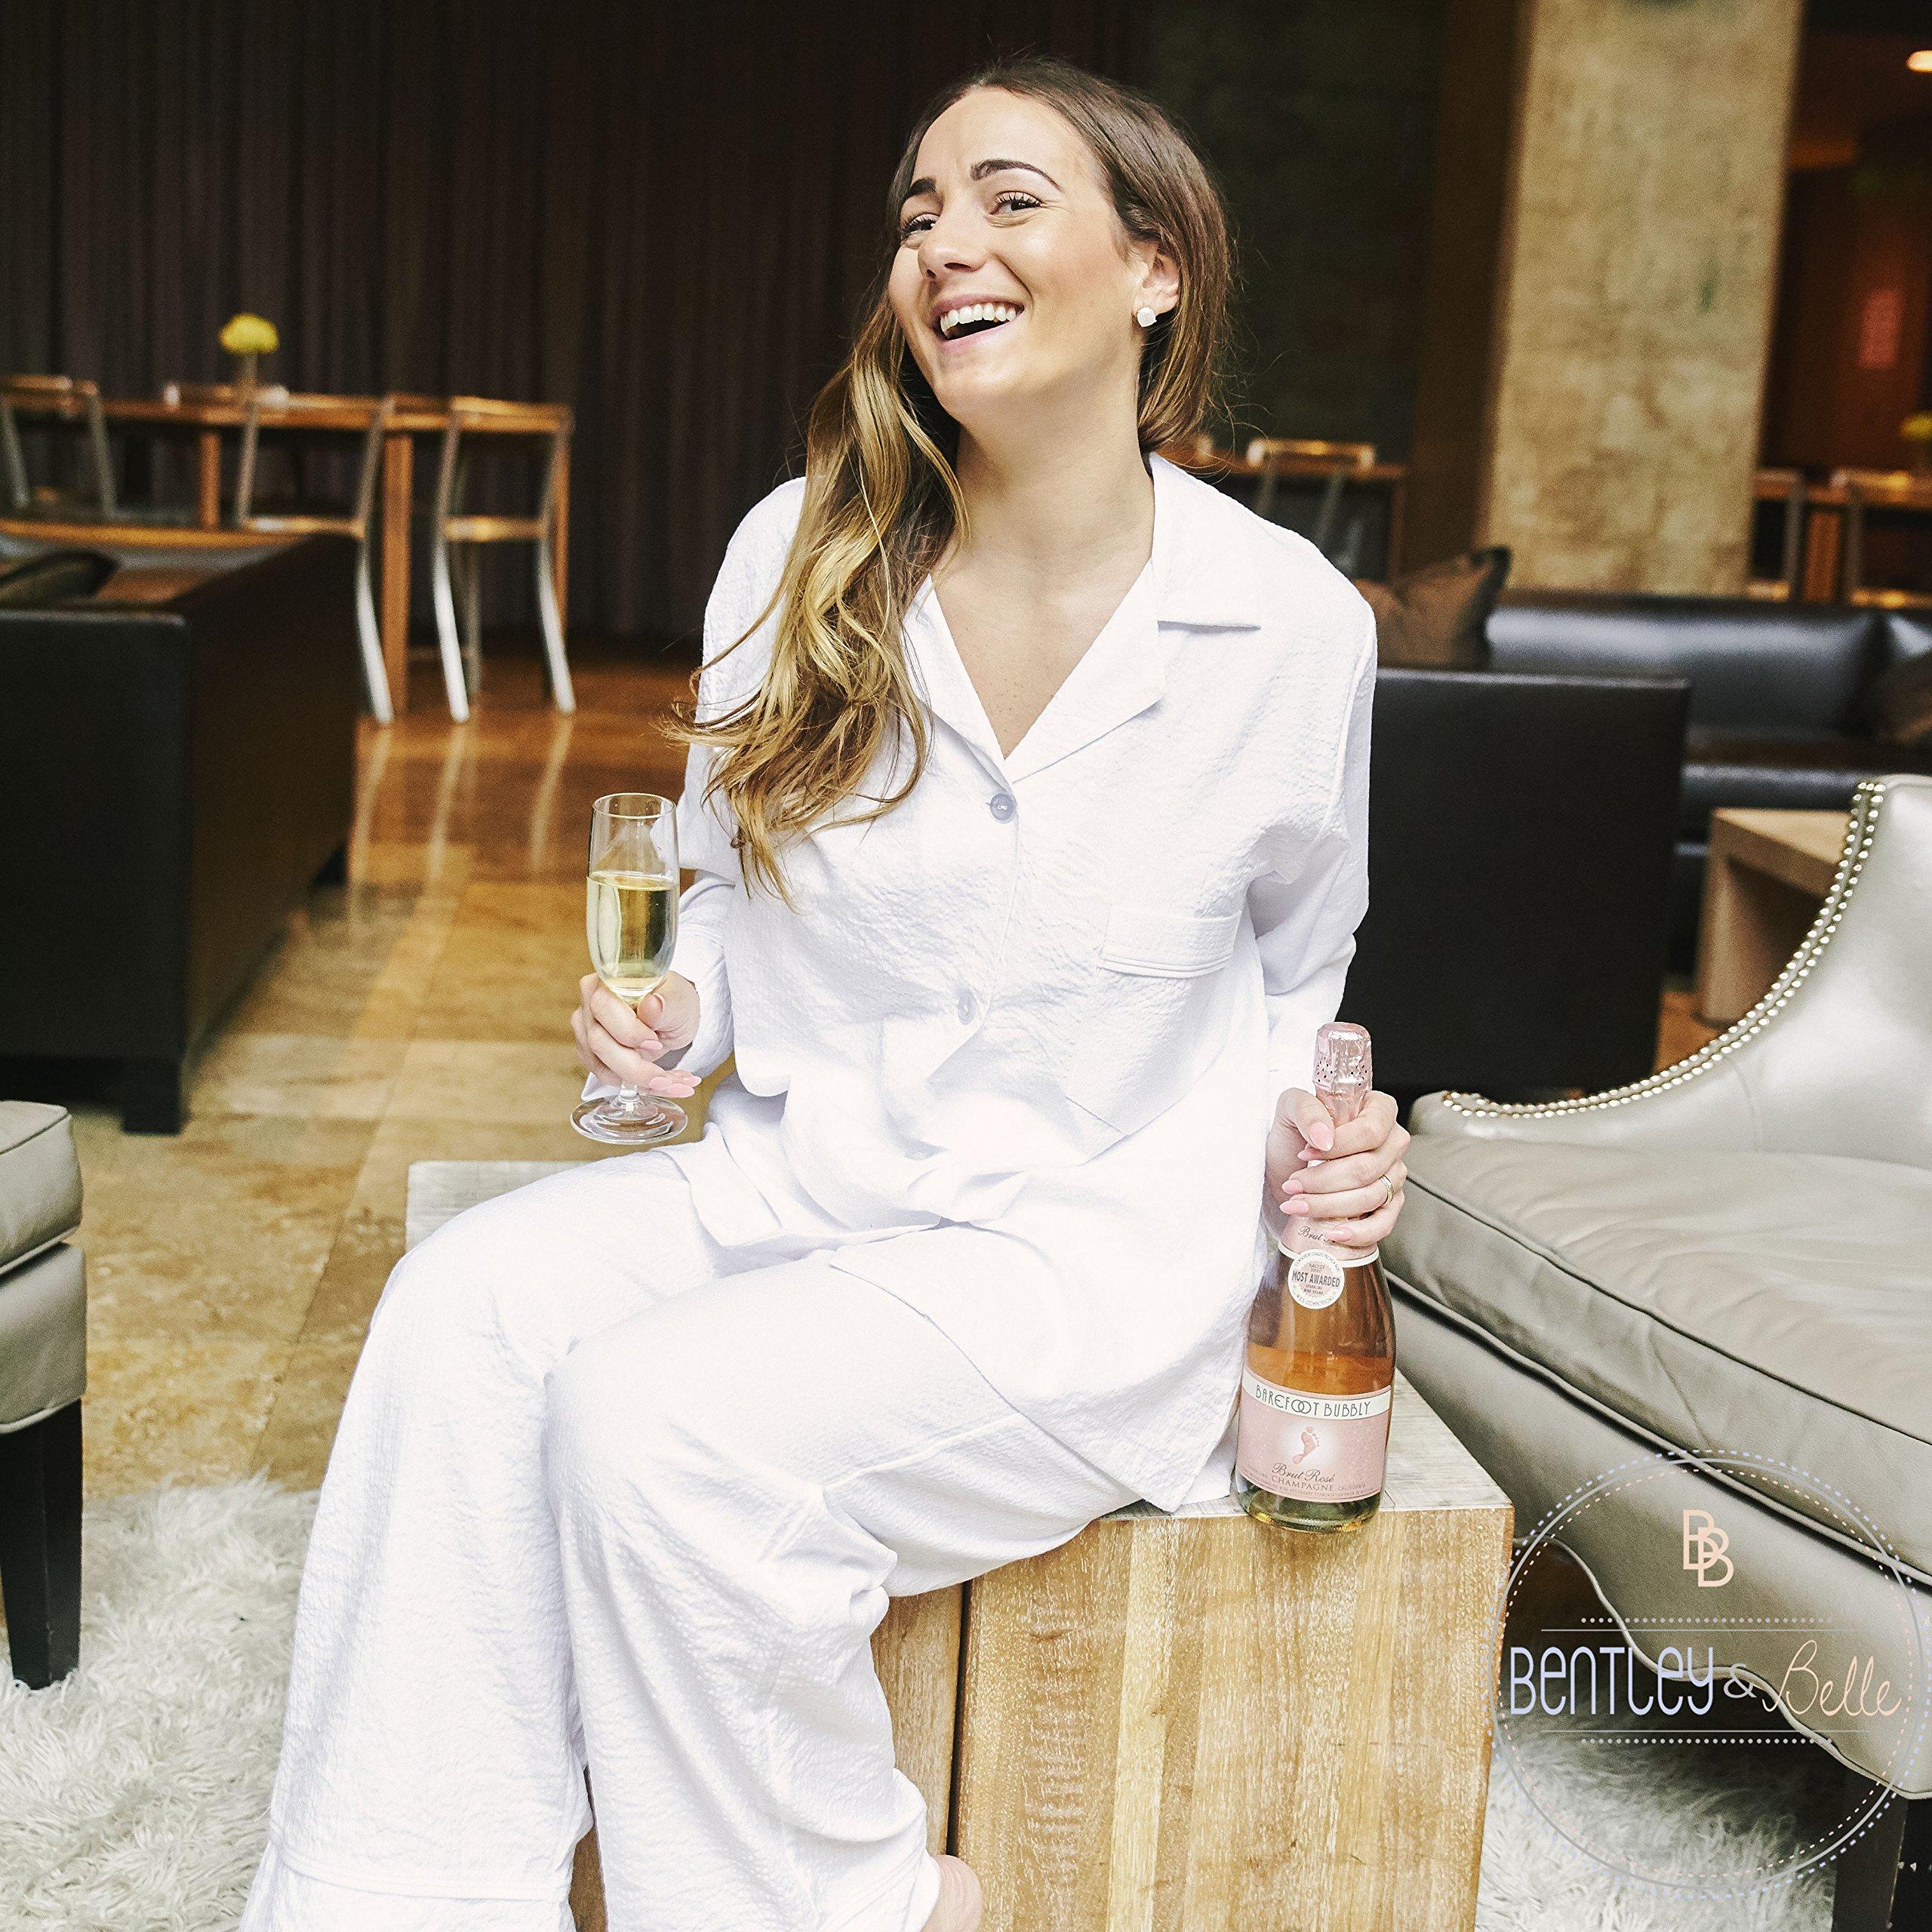 Women's White Seersucker Lounge Pant Set Monogram Bridal Pajamas Short Set